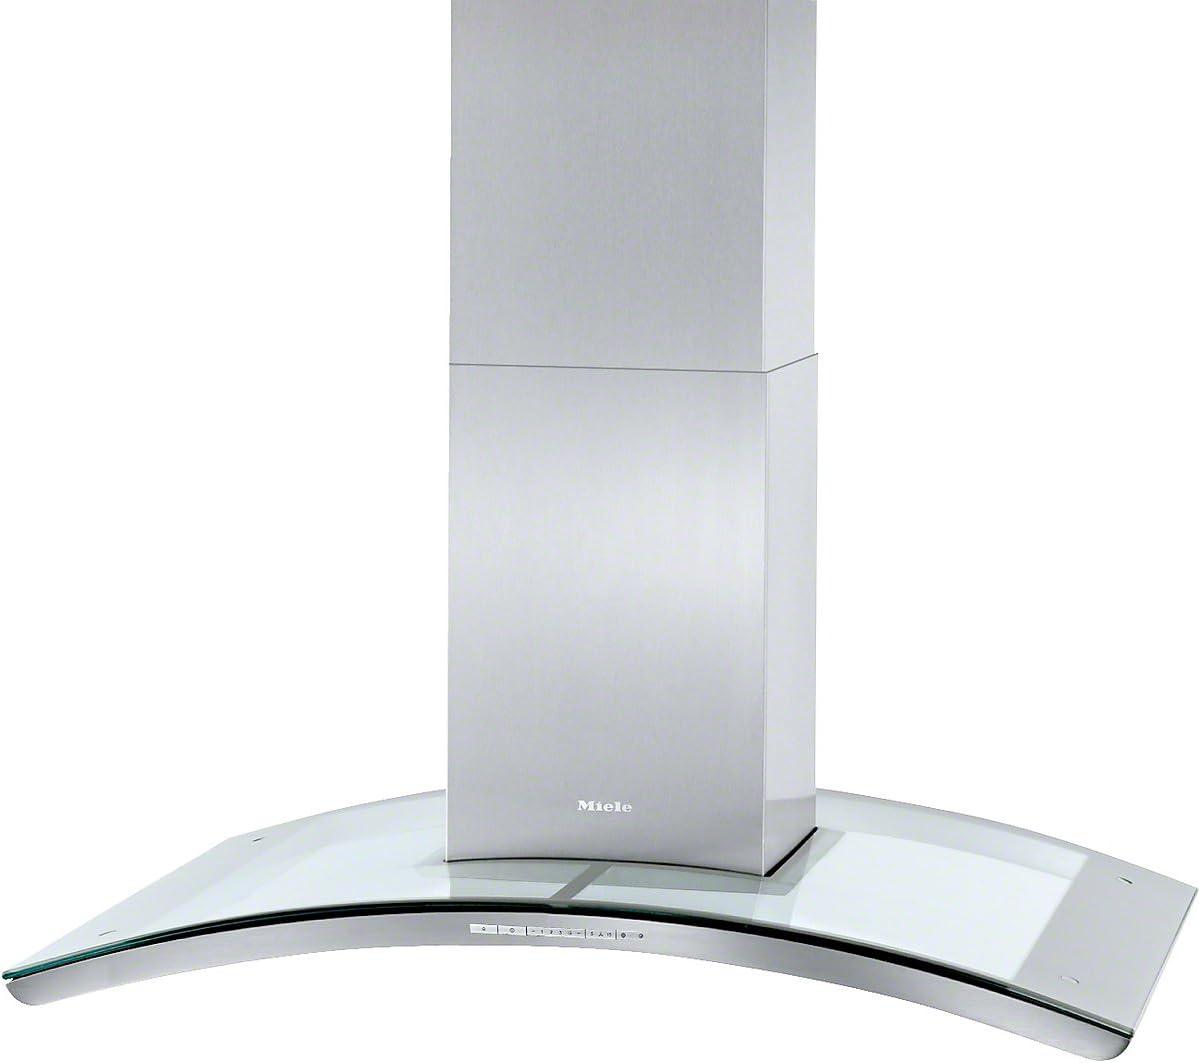 Miele DA 5106 D EXT Isla Acero inoxidable A+ - Campana (Canalizado, A, 45 cm, 65 cm, Isla, Acero inoxidable): Amazon.es: Hogar